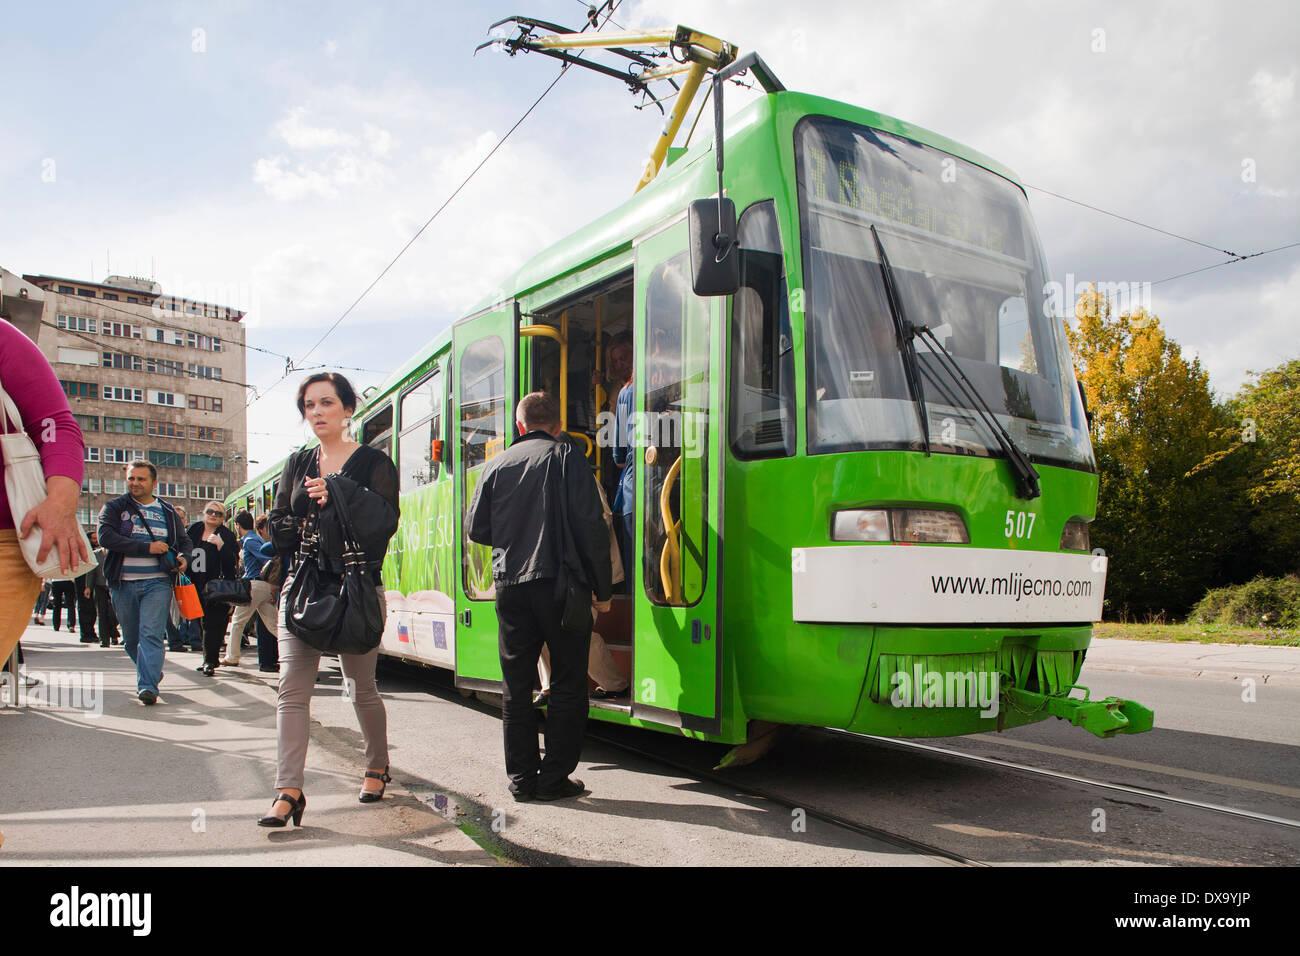 tram, sarajevo, bosnia and herzegovina, europe - Stock Image